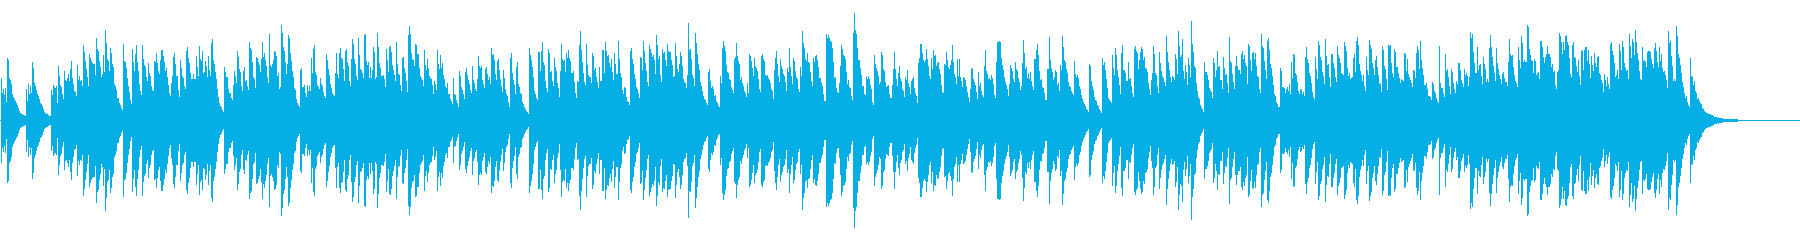 結婚行進曲 72弁オルゴール の再生済みの波形